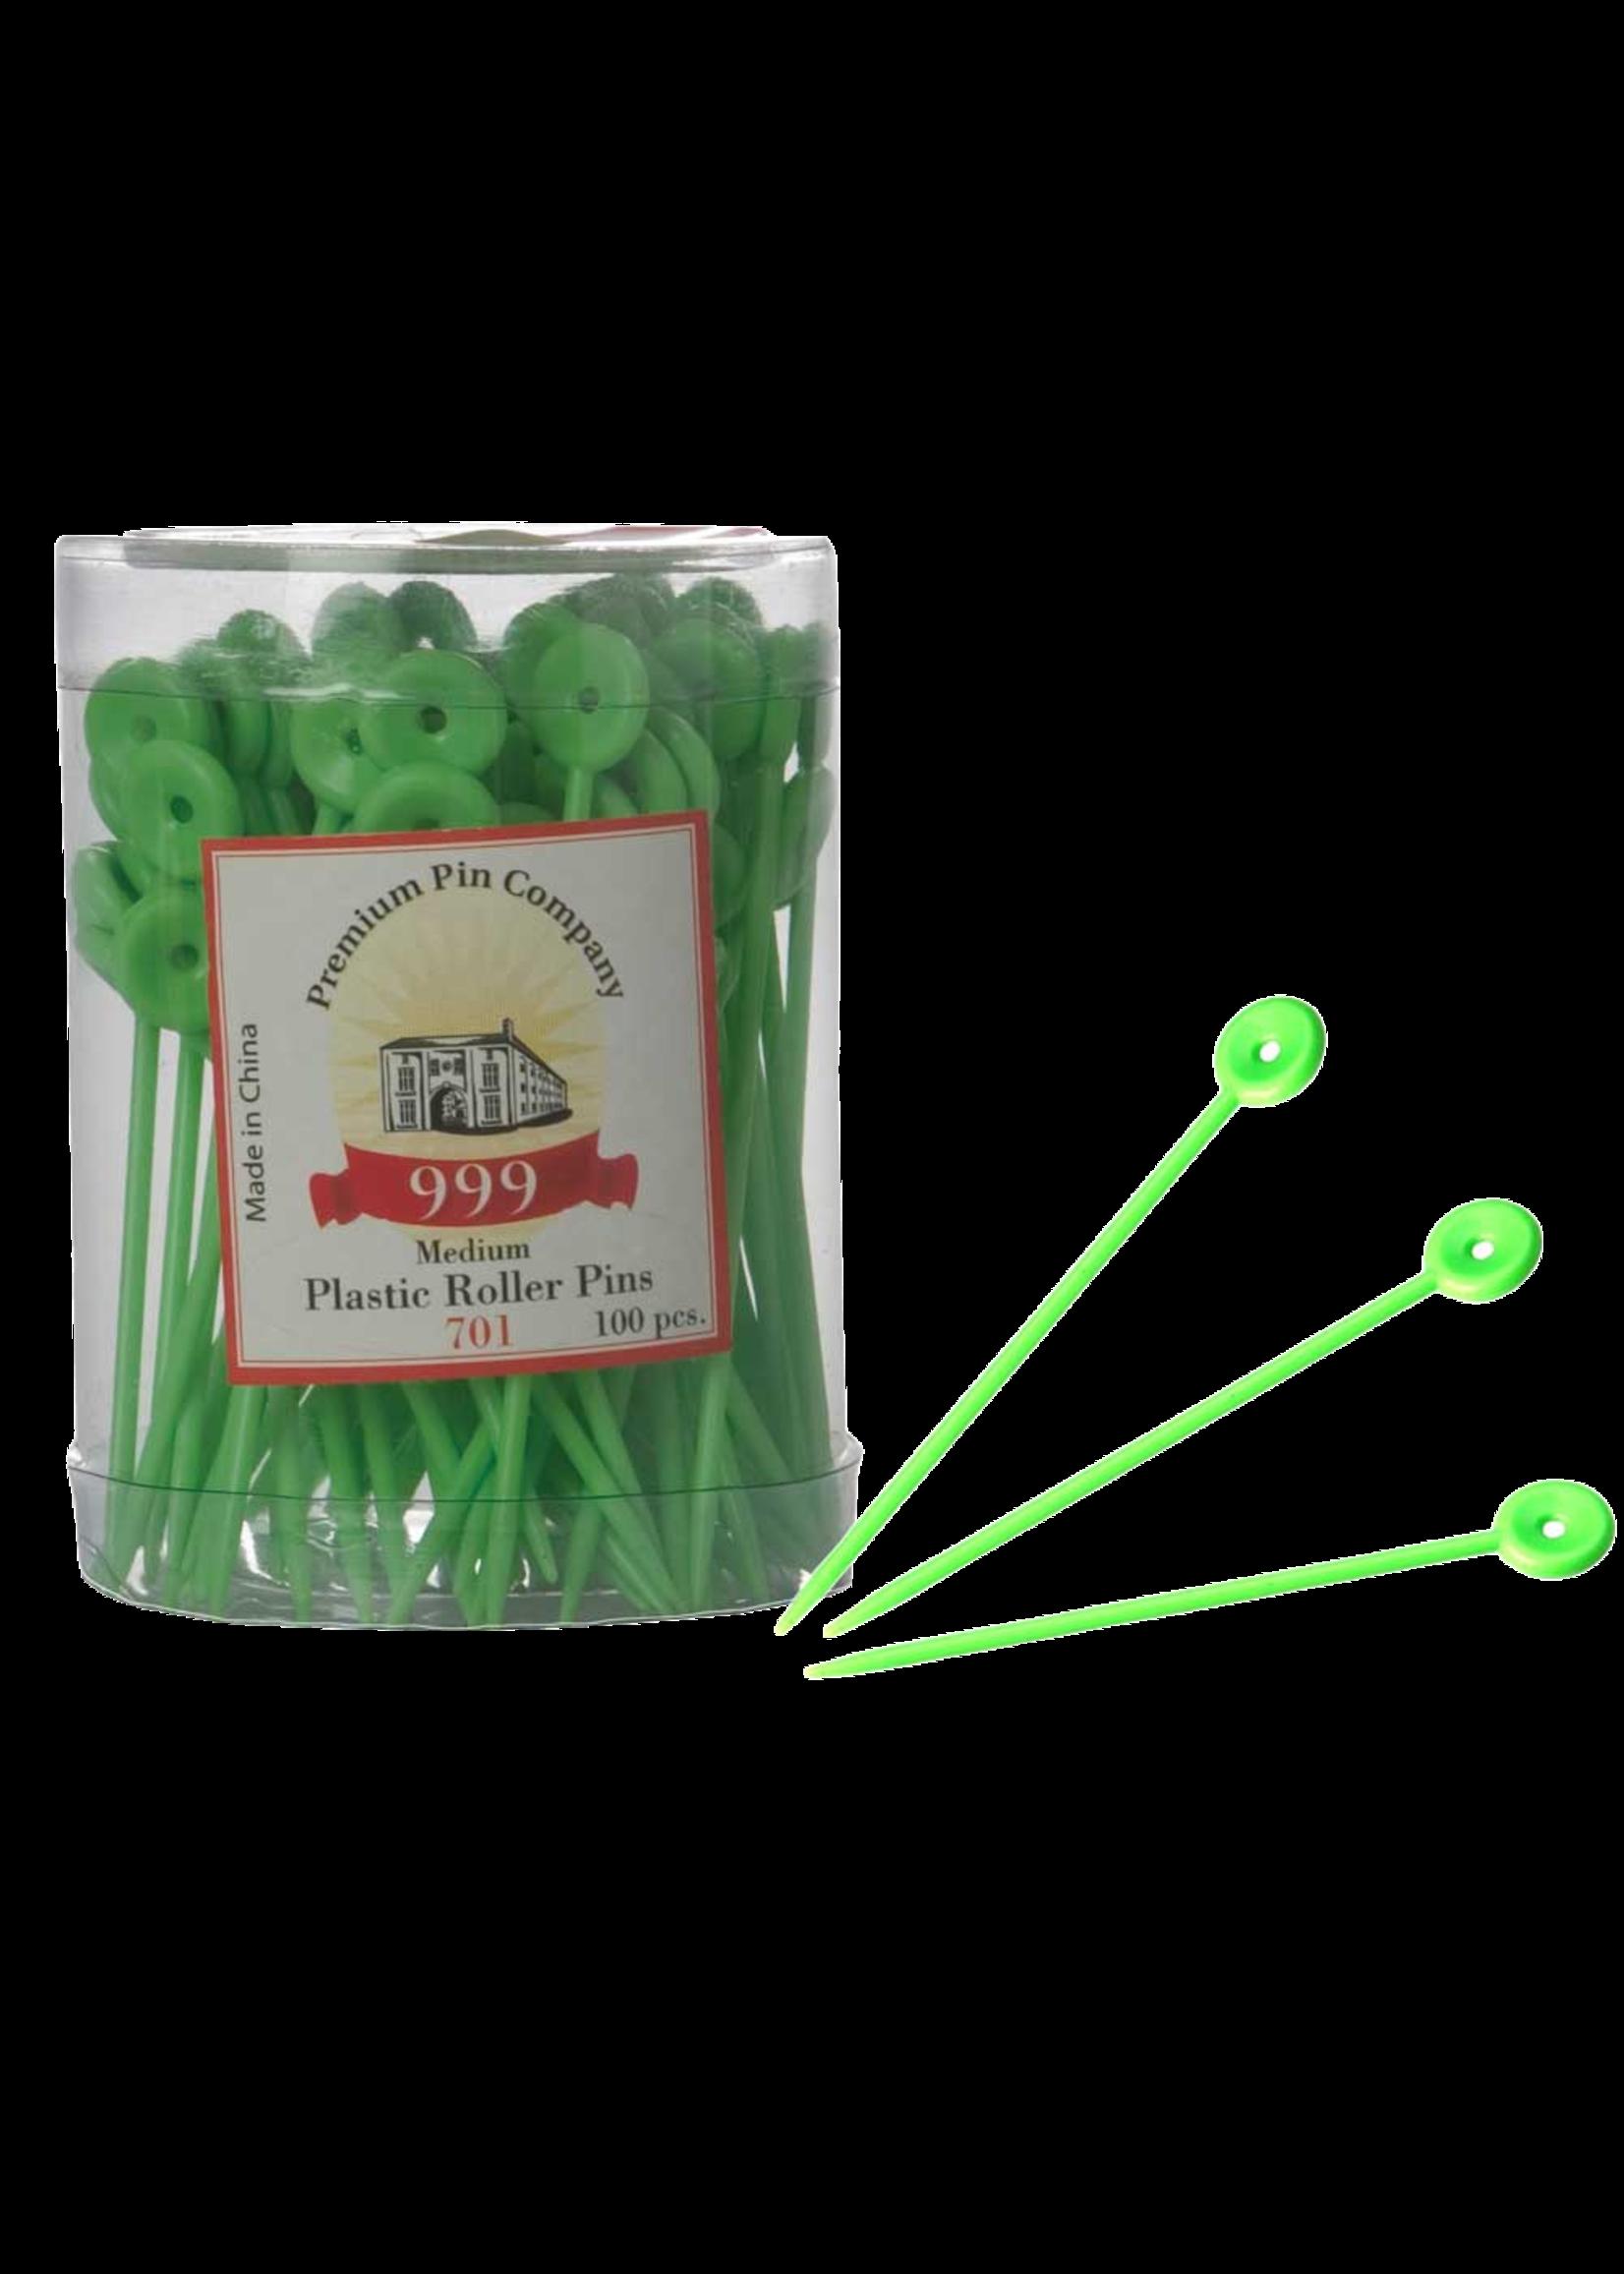 999 Premium Pin Company 999 Roller Pins Plastic Green Tub 100pcs